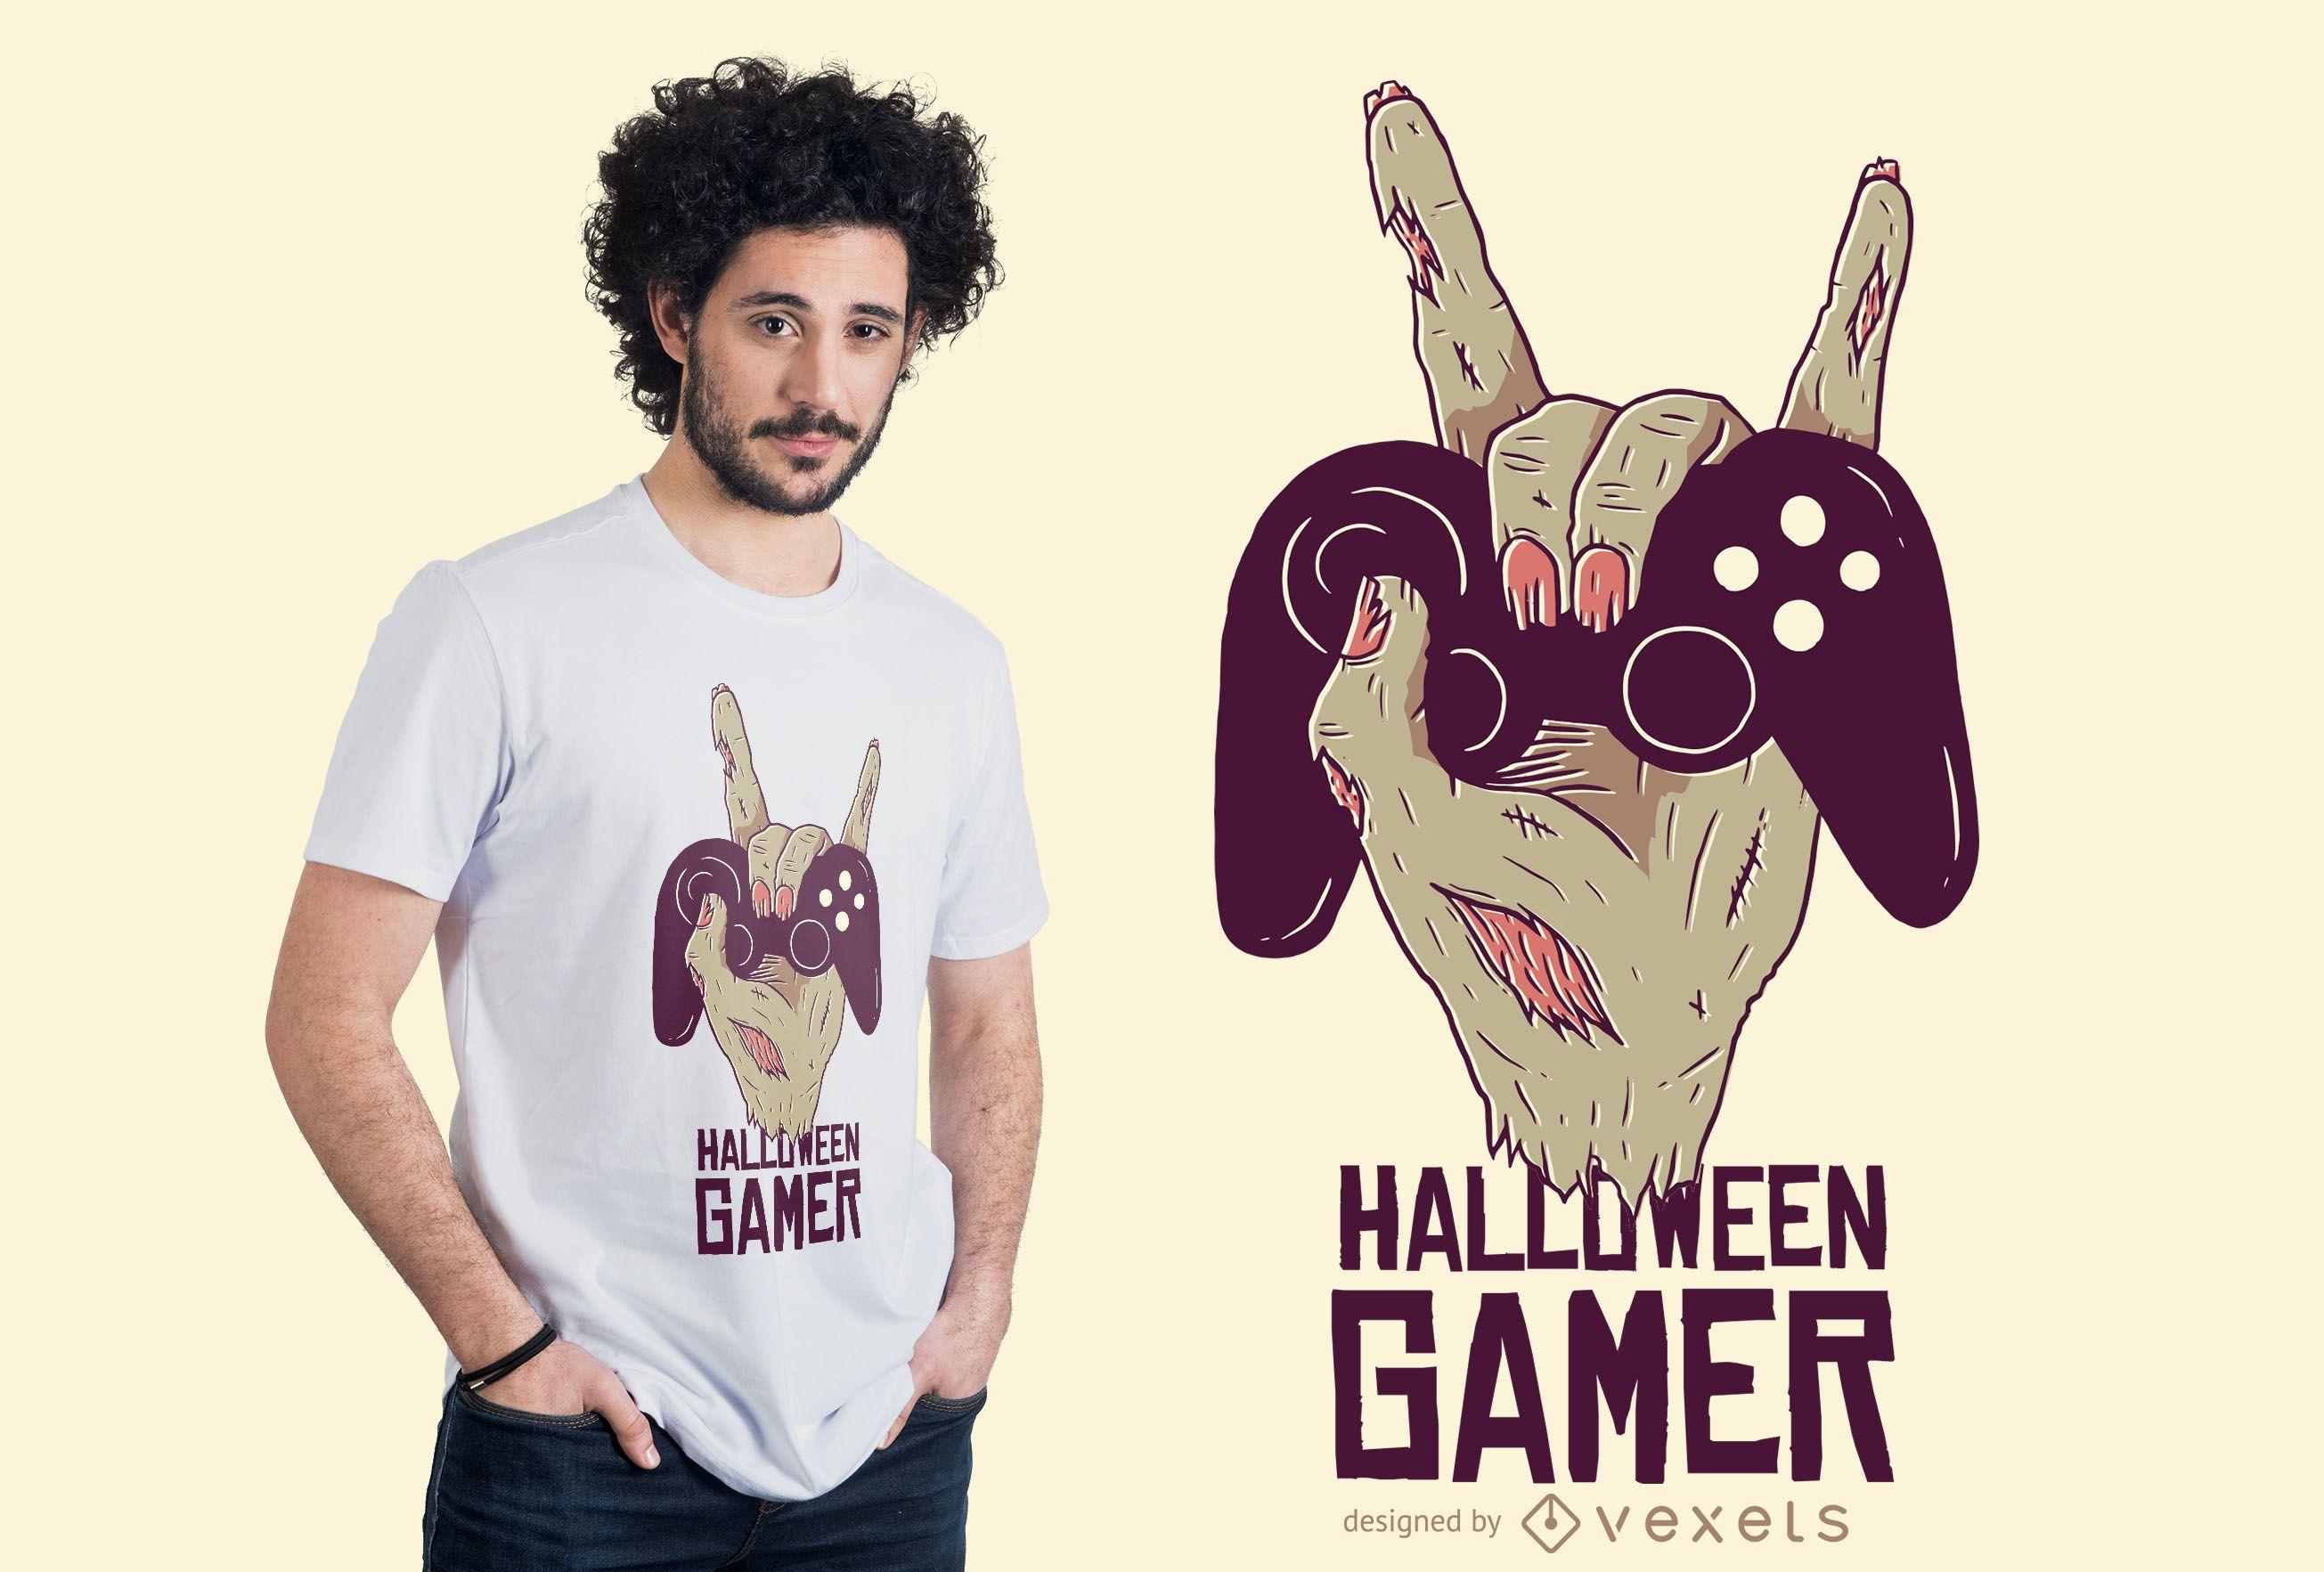 Halloween Gamer T-shirt Design